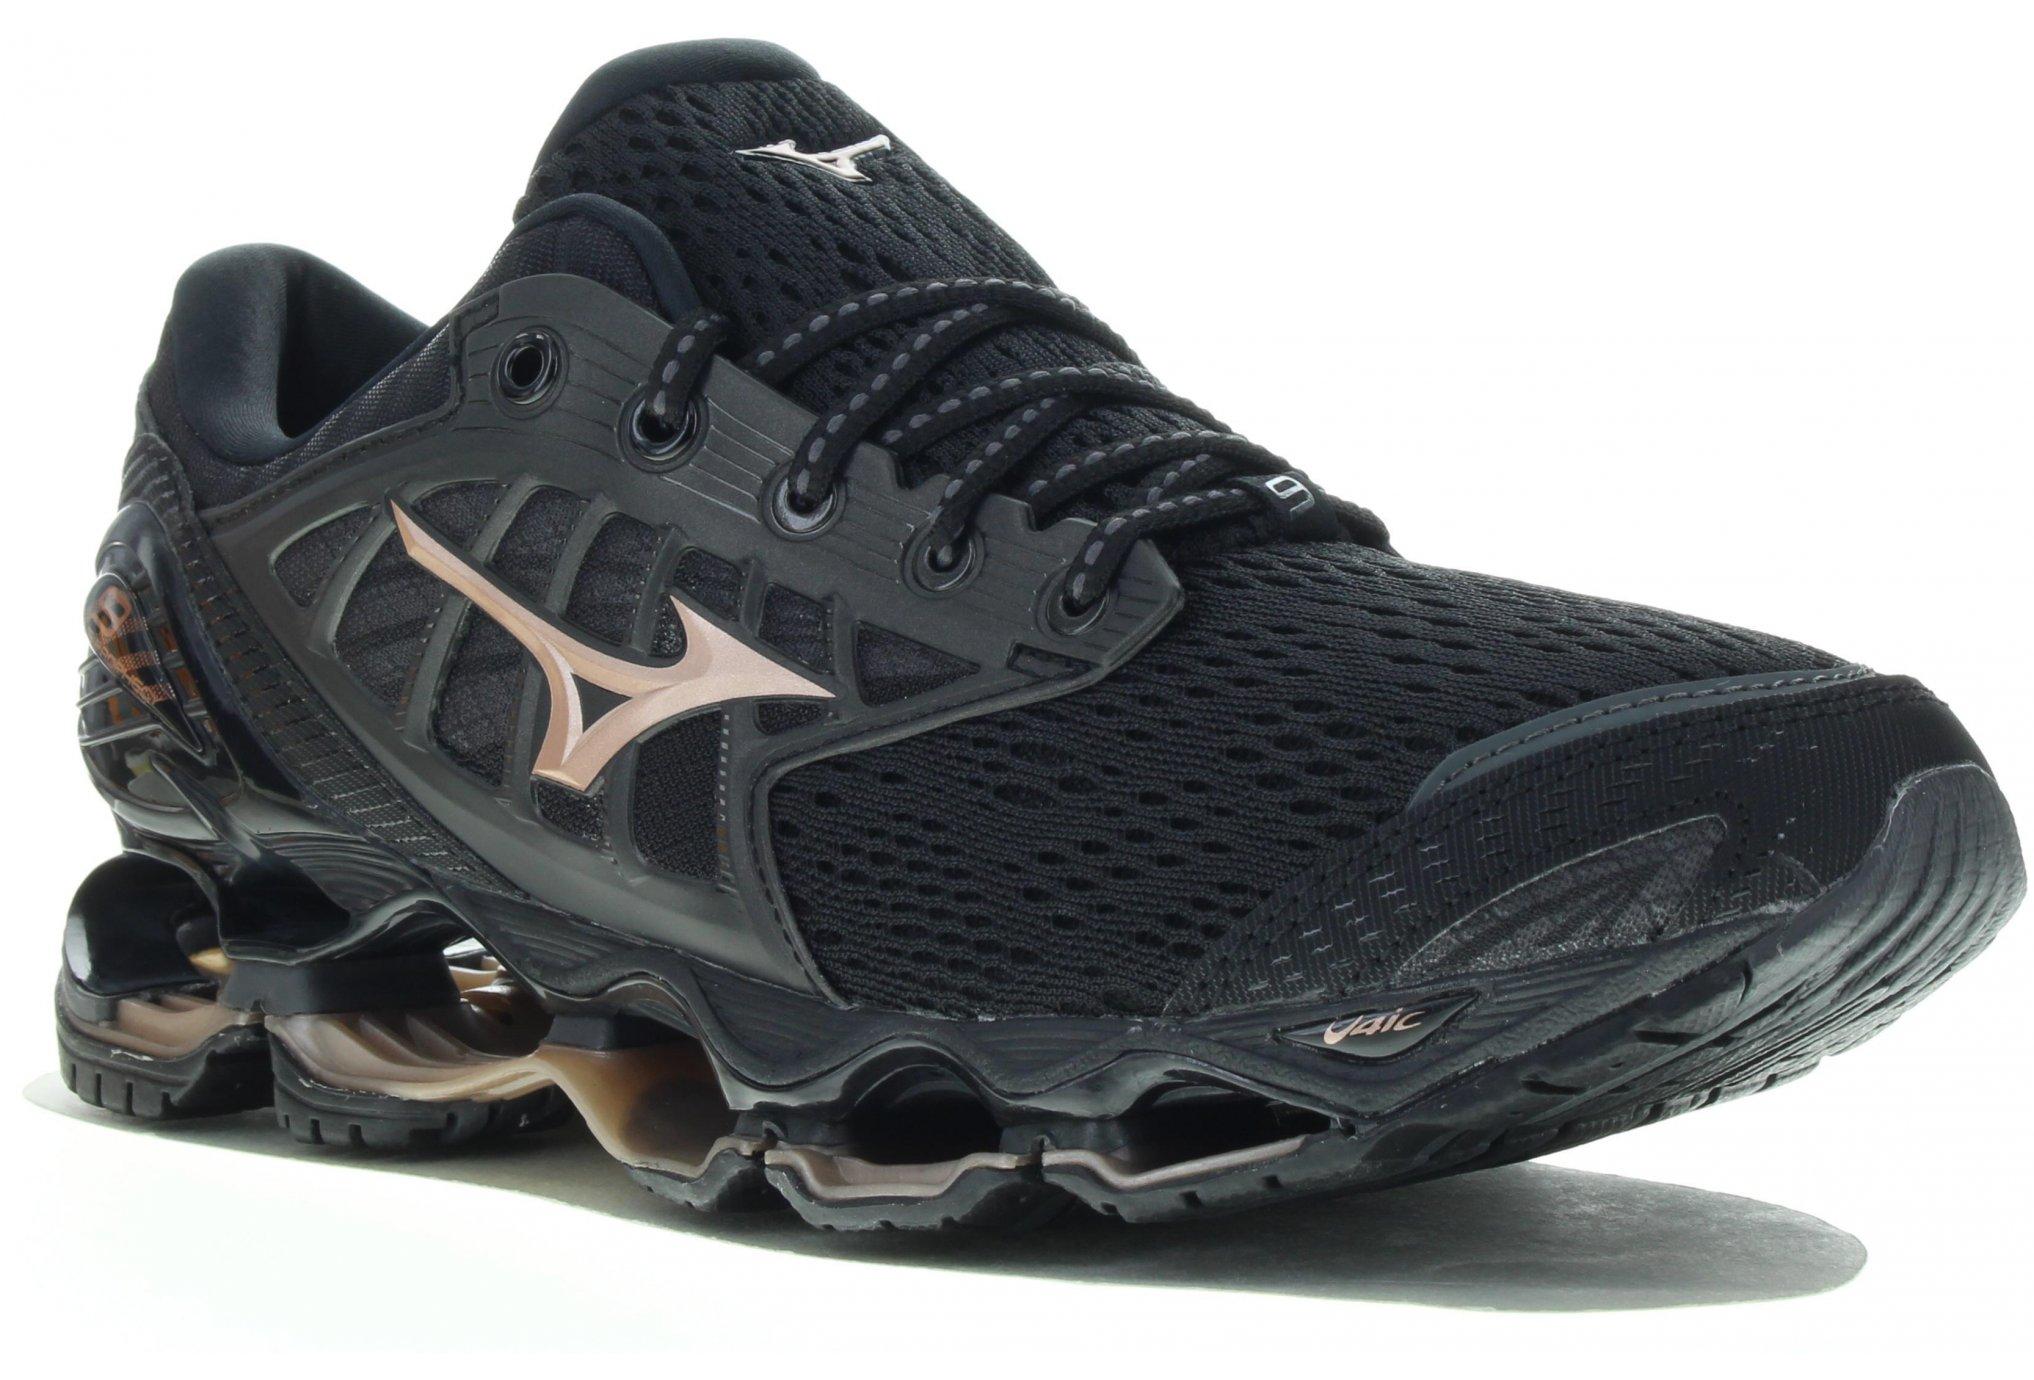 Mizuno Wave Prophecy 9 Chaussures running femme